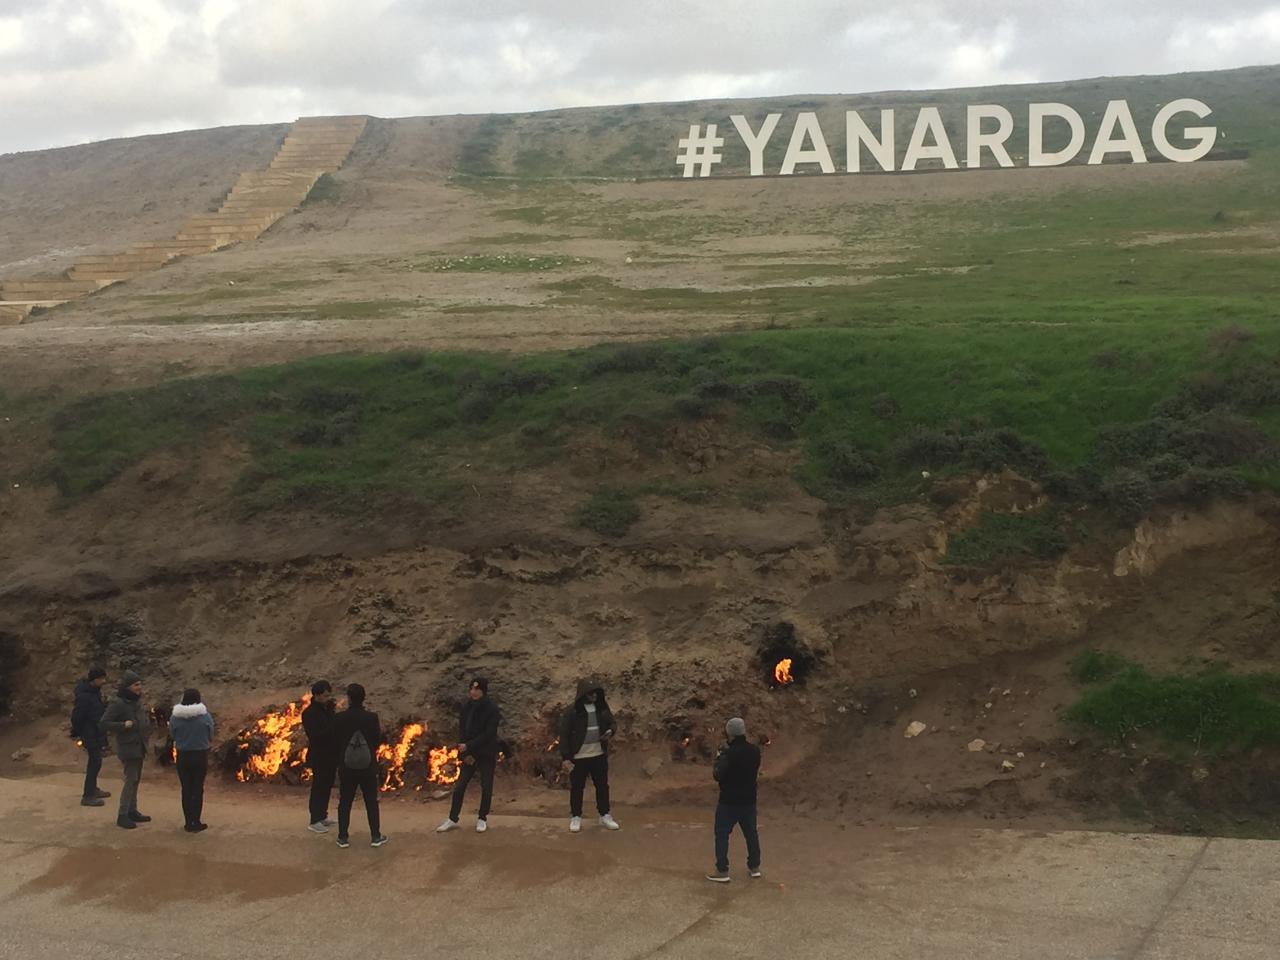 Yanardağ - Azərbaycanın odlu möcüzəsi